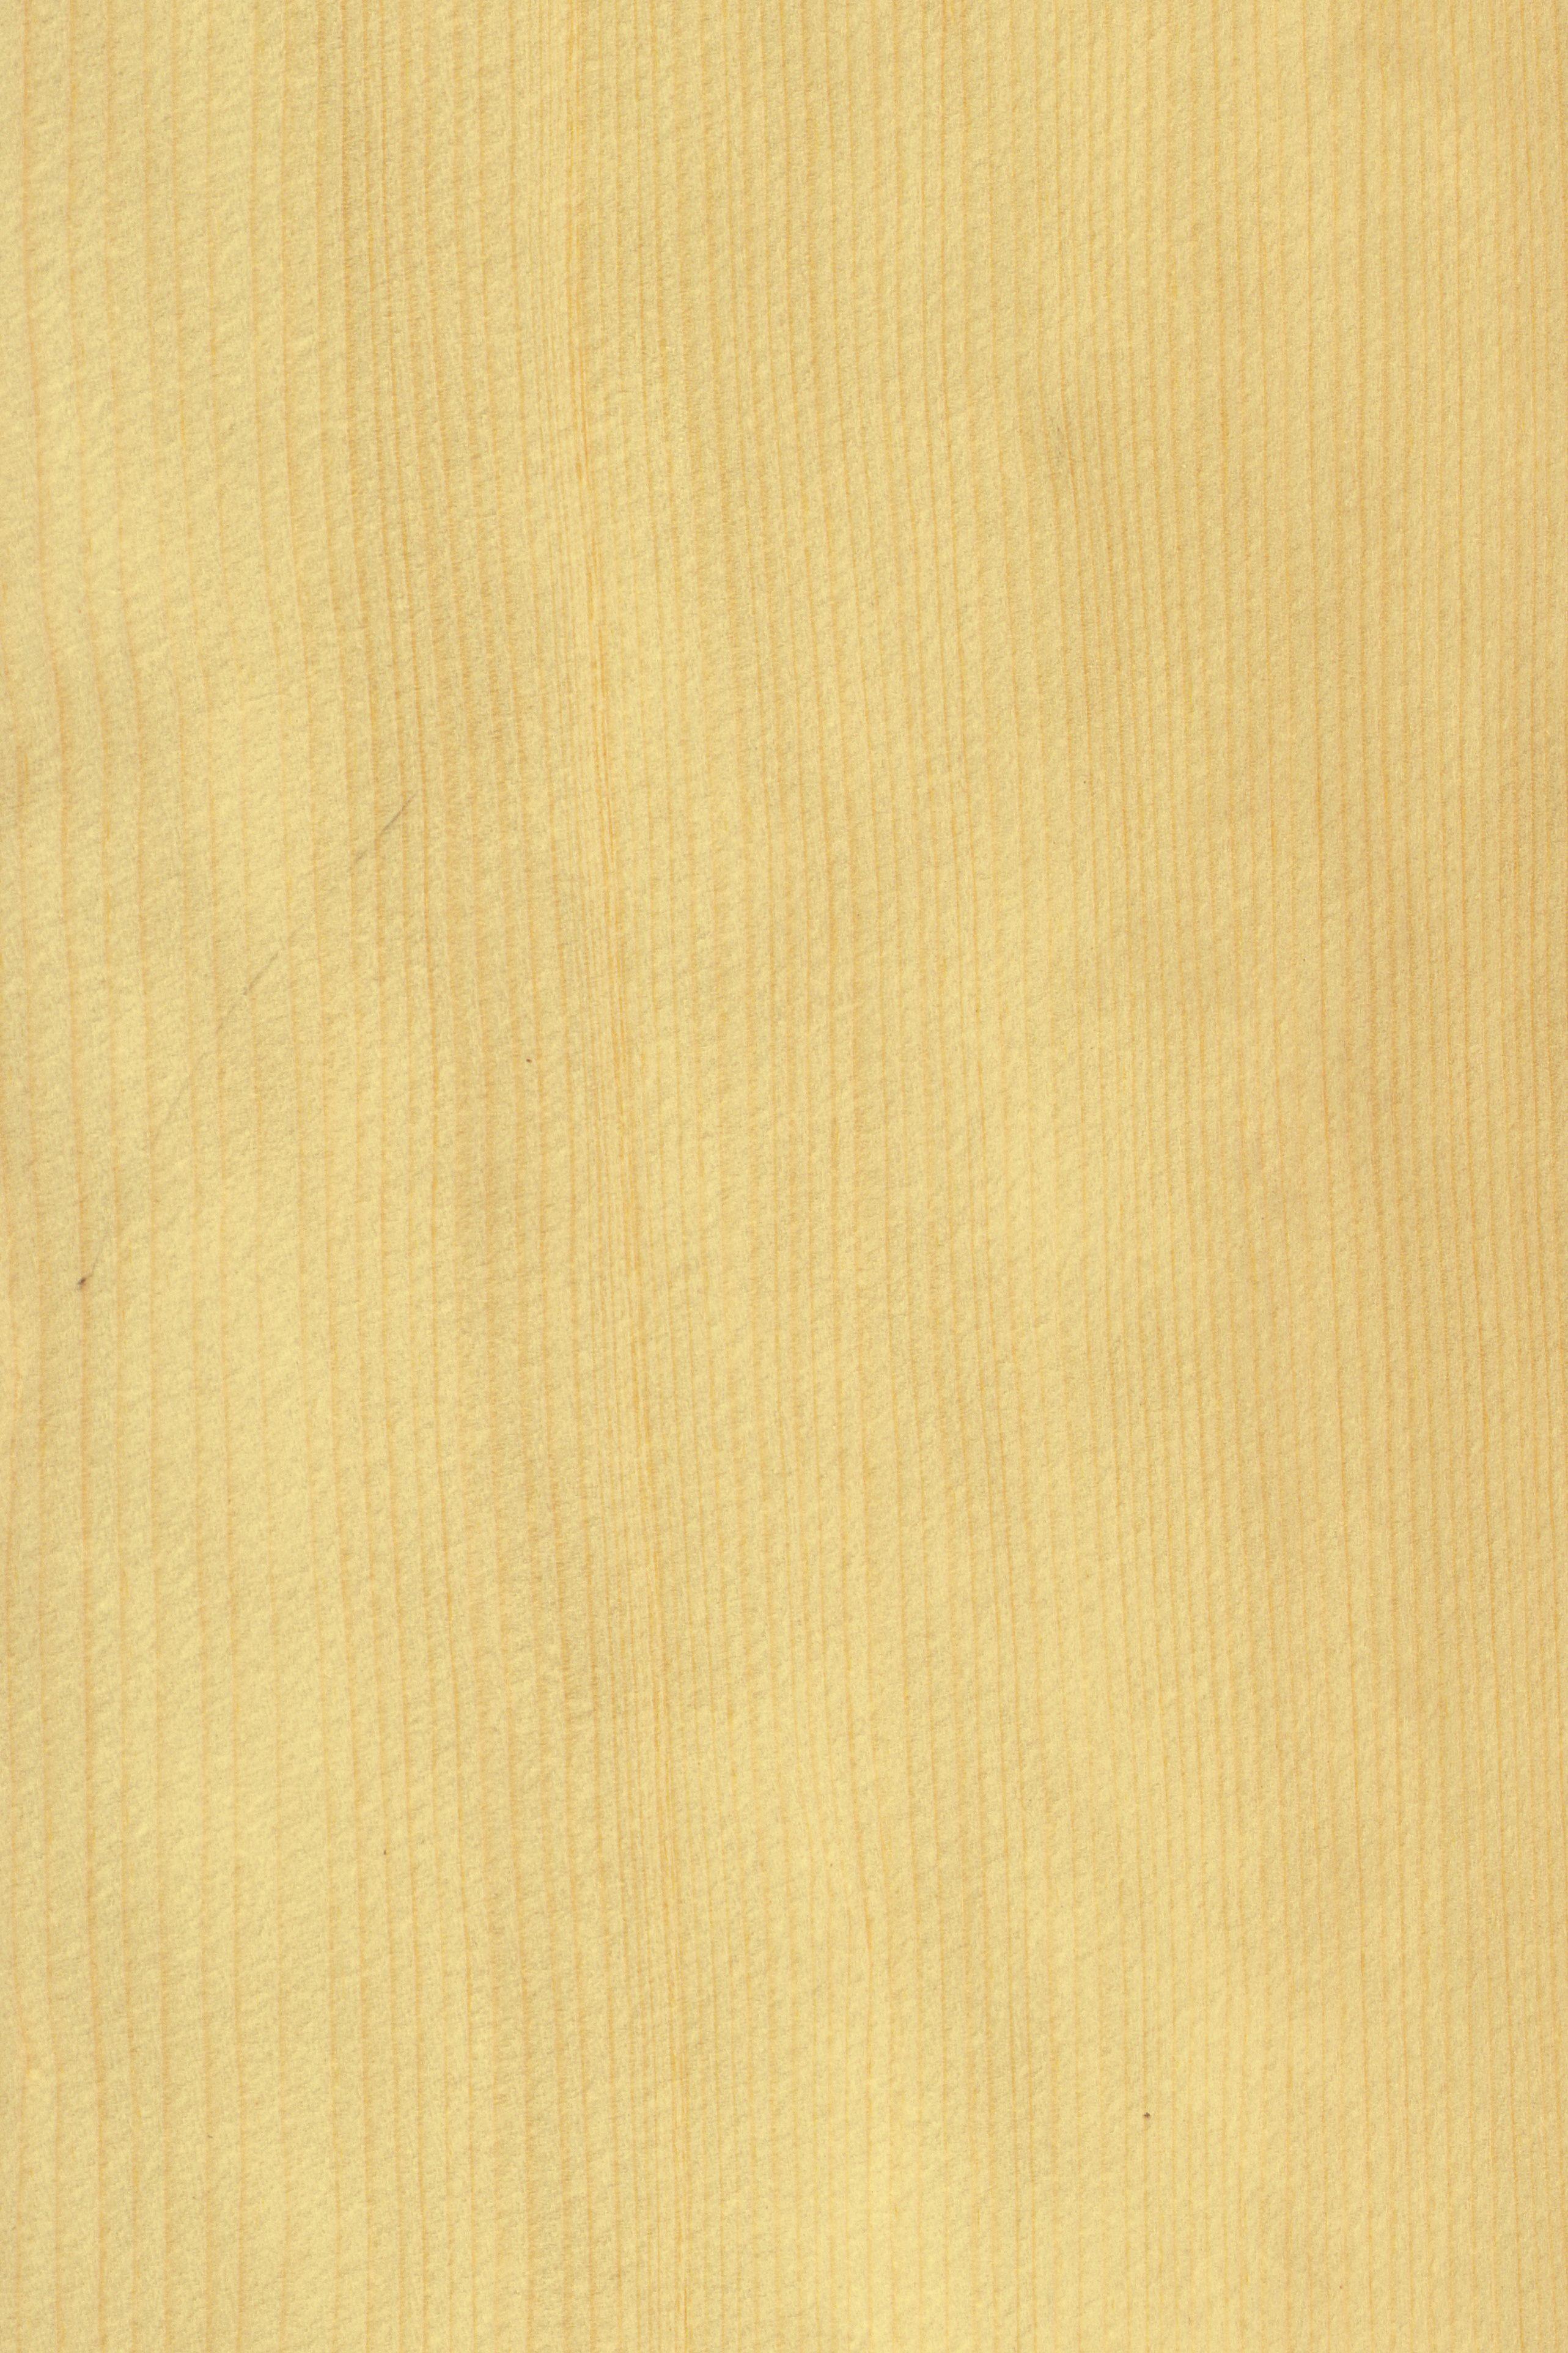 Fichte   Furnier: Holzart, Fichte, Blatt, Hell, Nadelholz #Holzarten